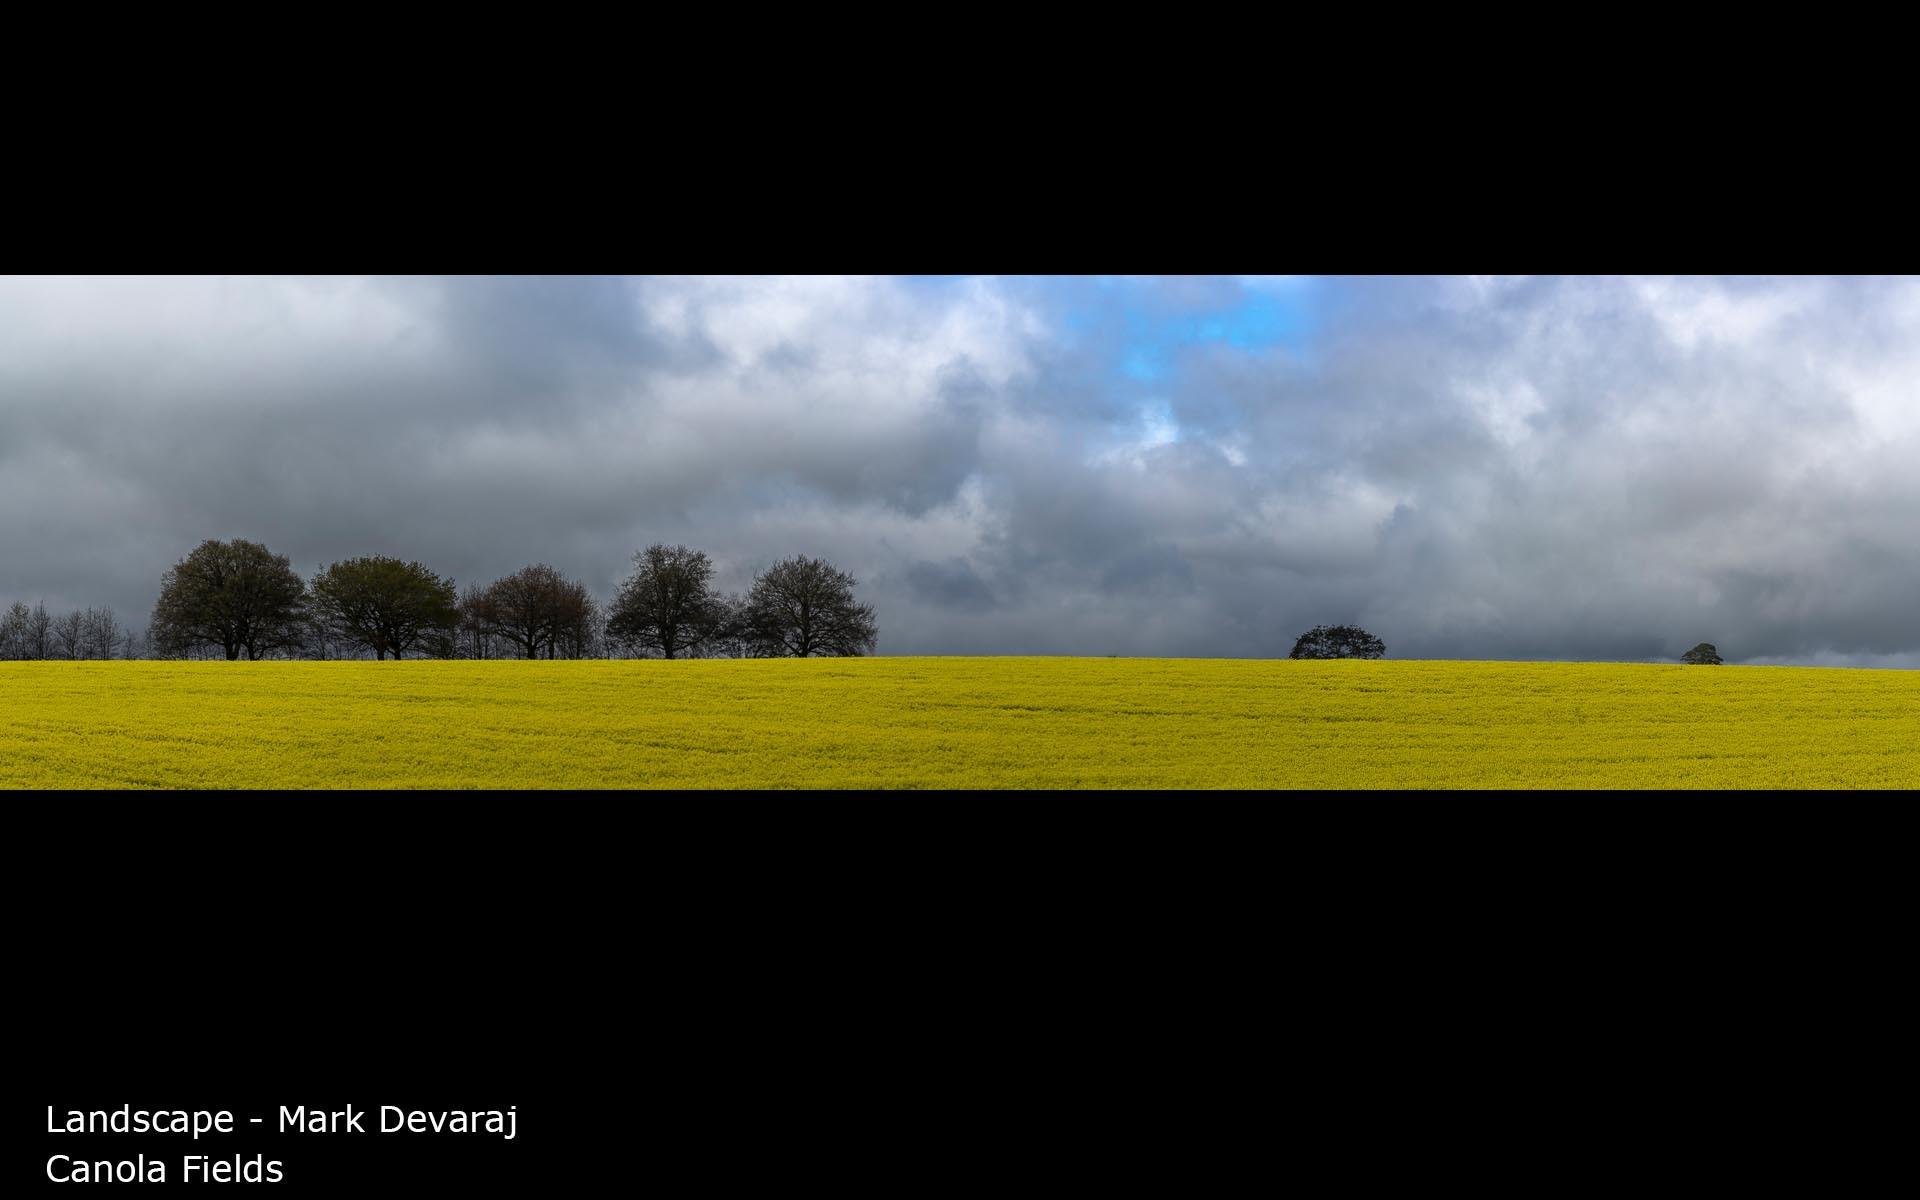 Canola Fields - Mark Devaraj